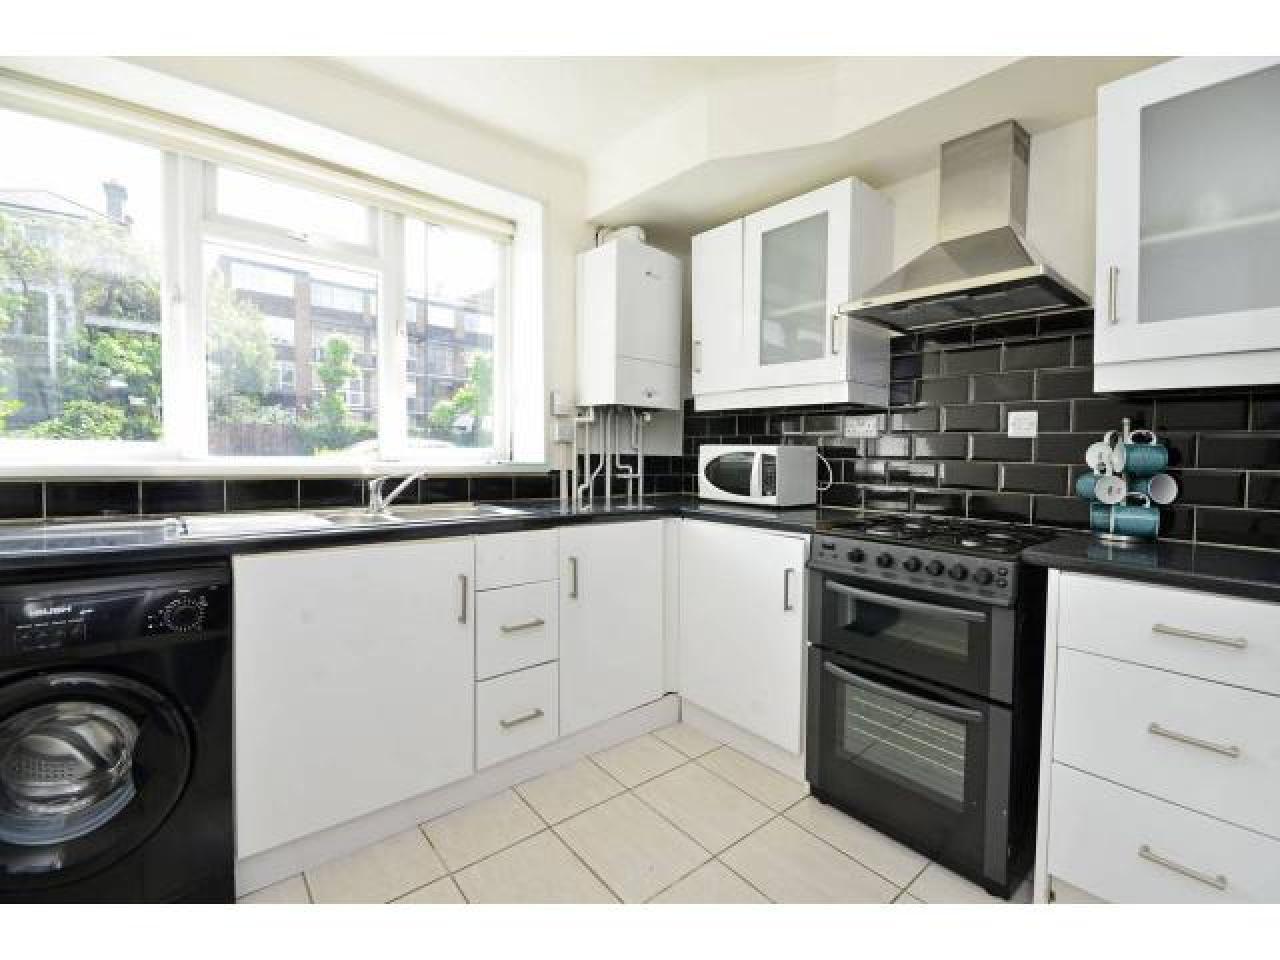 Сдается уютная single  комната в квартире в красивом и спокойном районе на Putney SW15 6AG. - 1